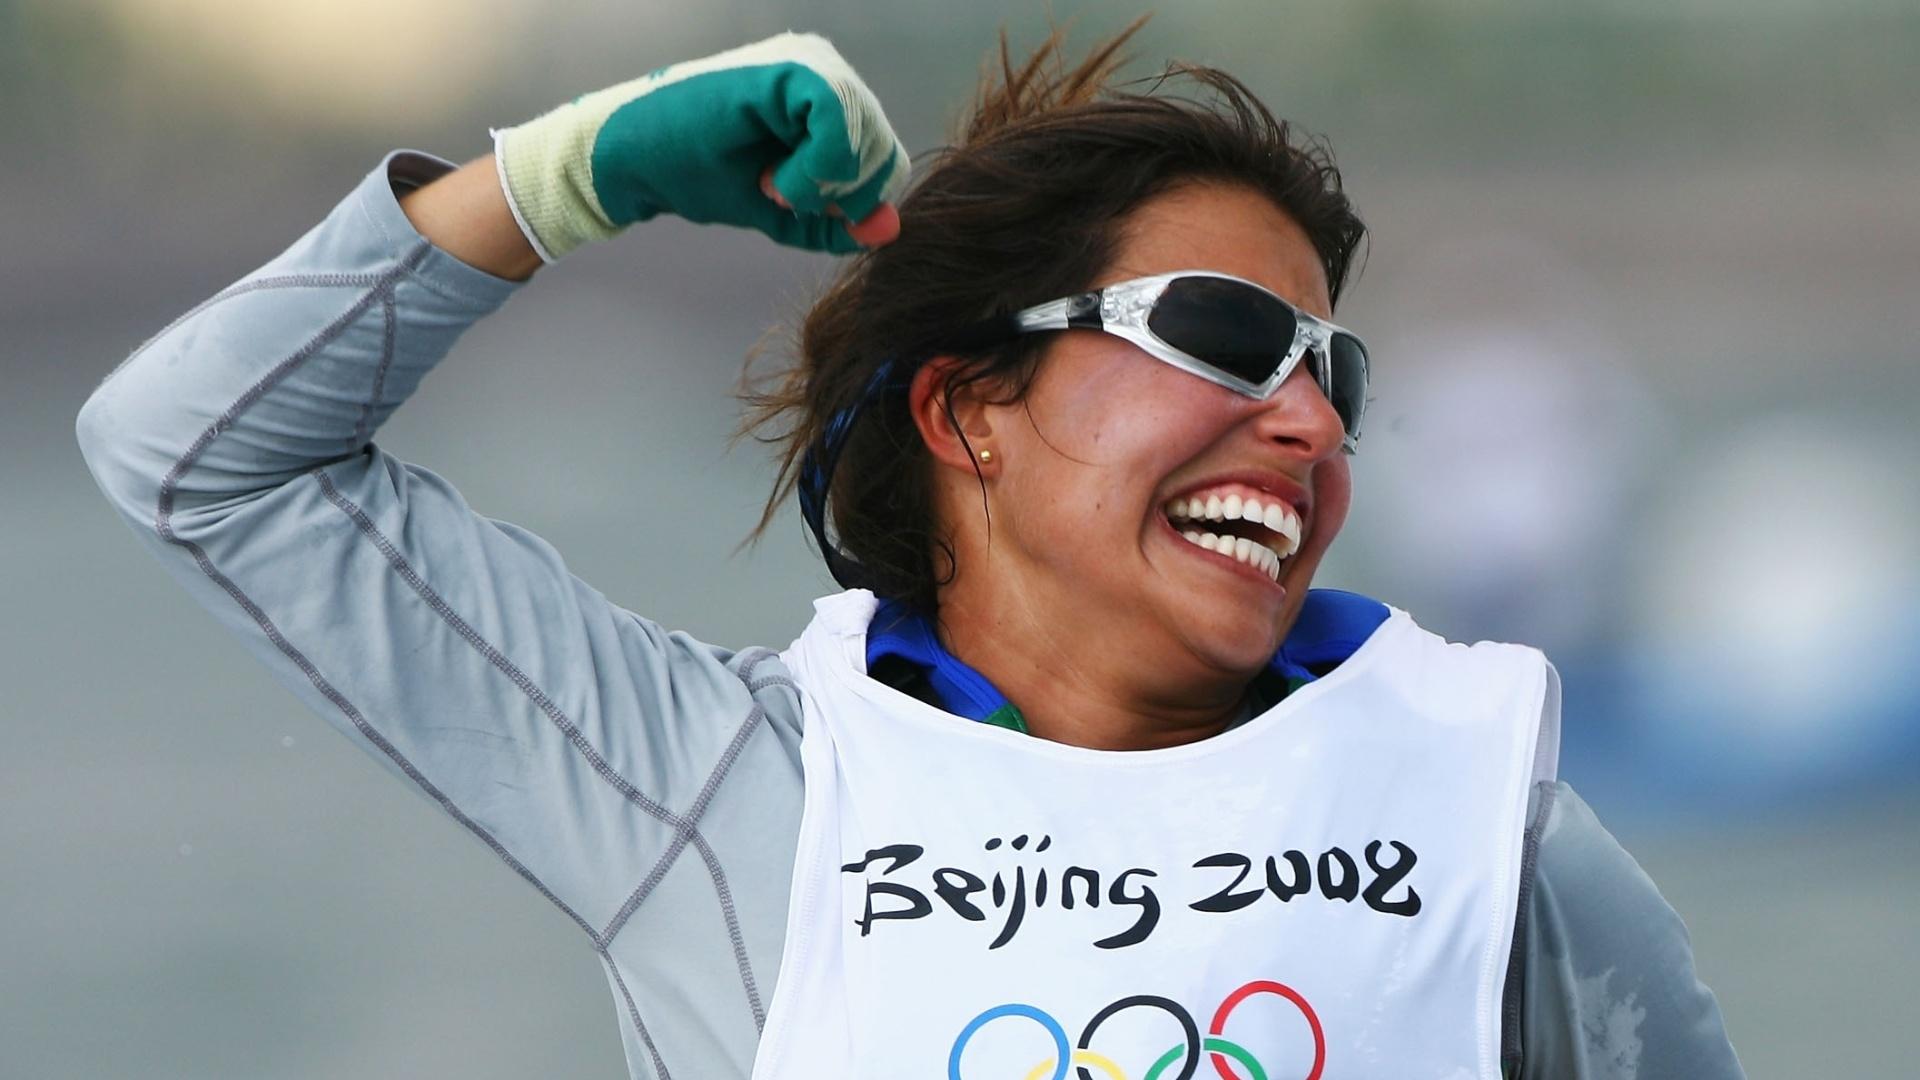 Fernanda Oliveira comemora a medalha de bronze conquistada na classe 470 da vela nos Jogos Olímpicos de Pequim-2008